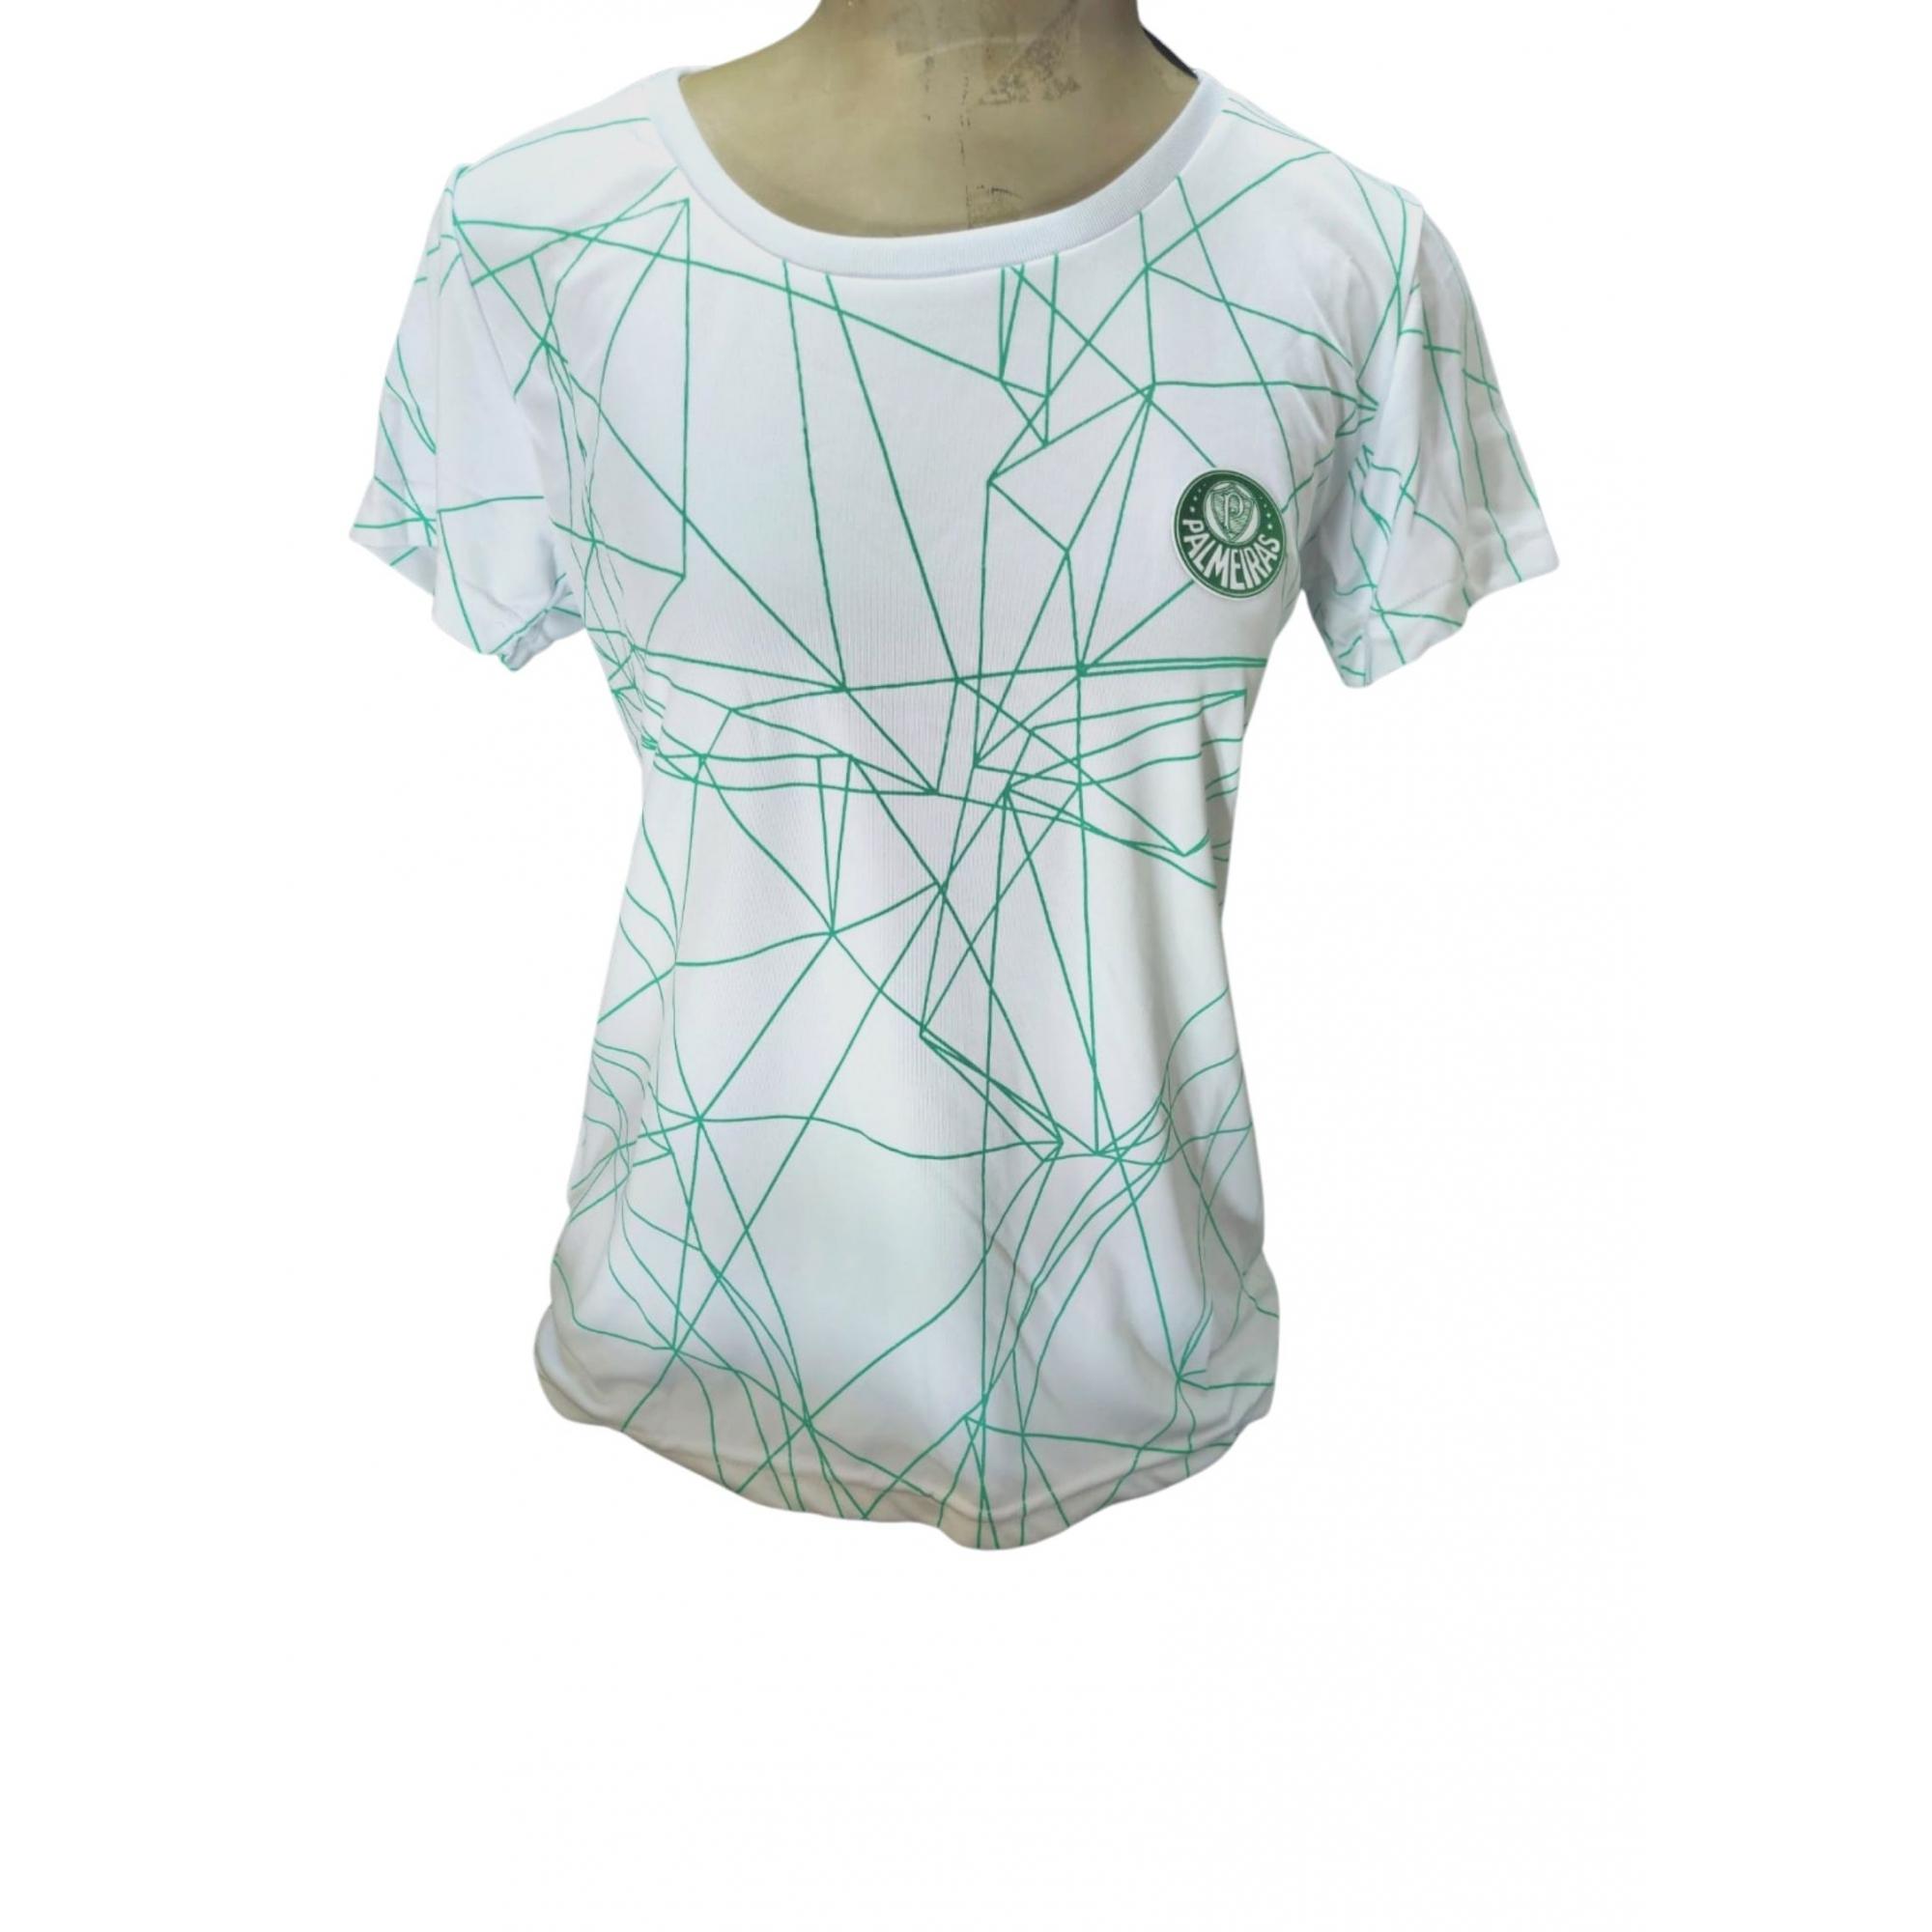 Camisa Palmeiras feminina sublimada linhas